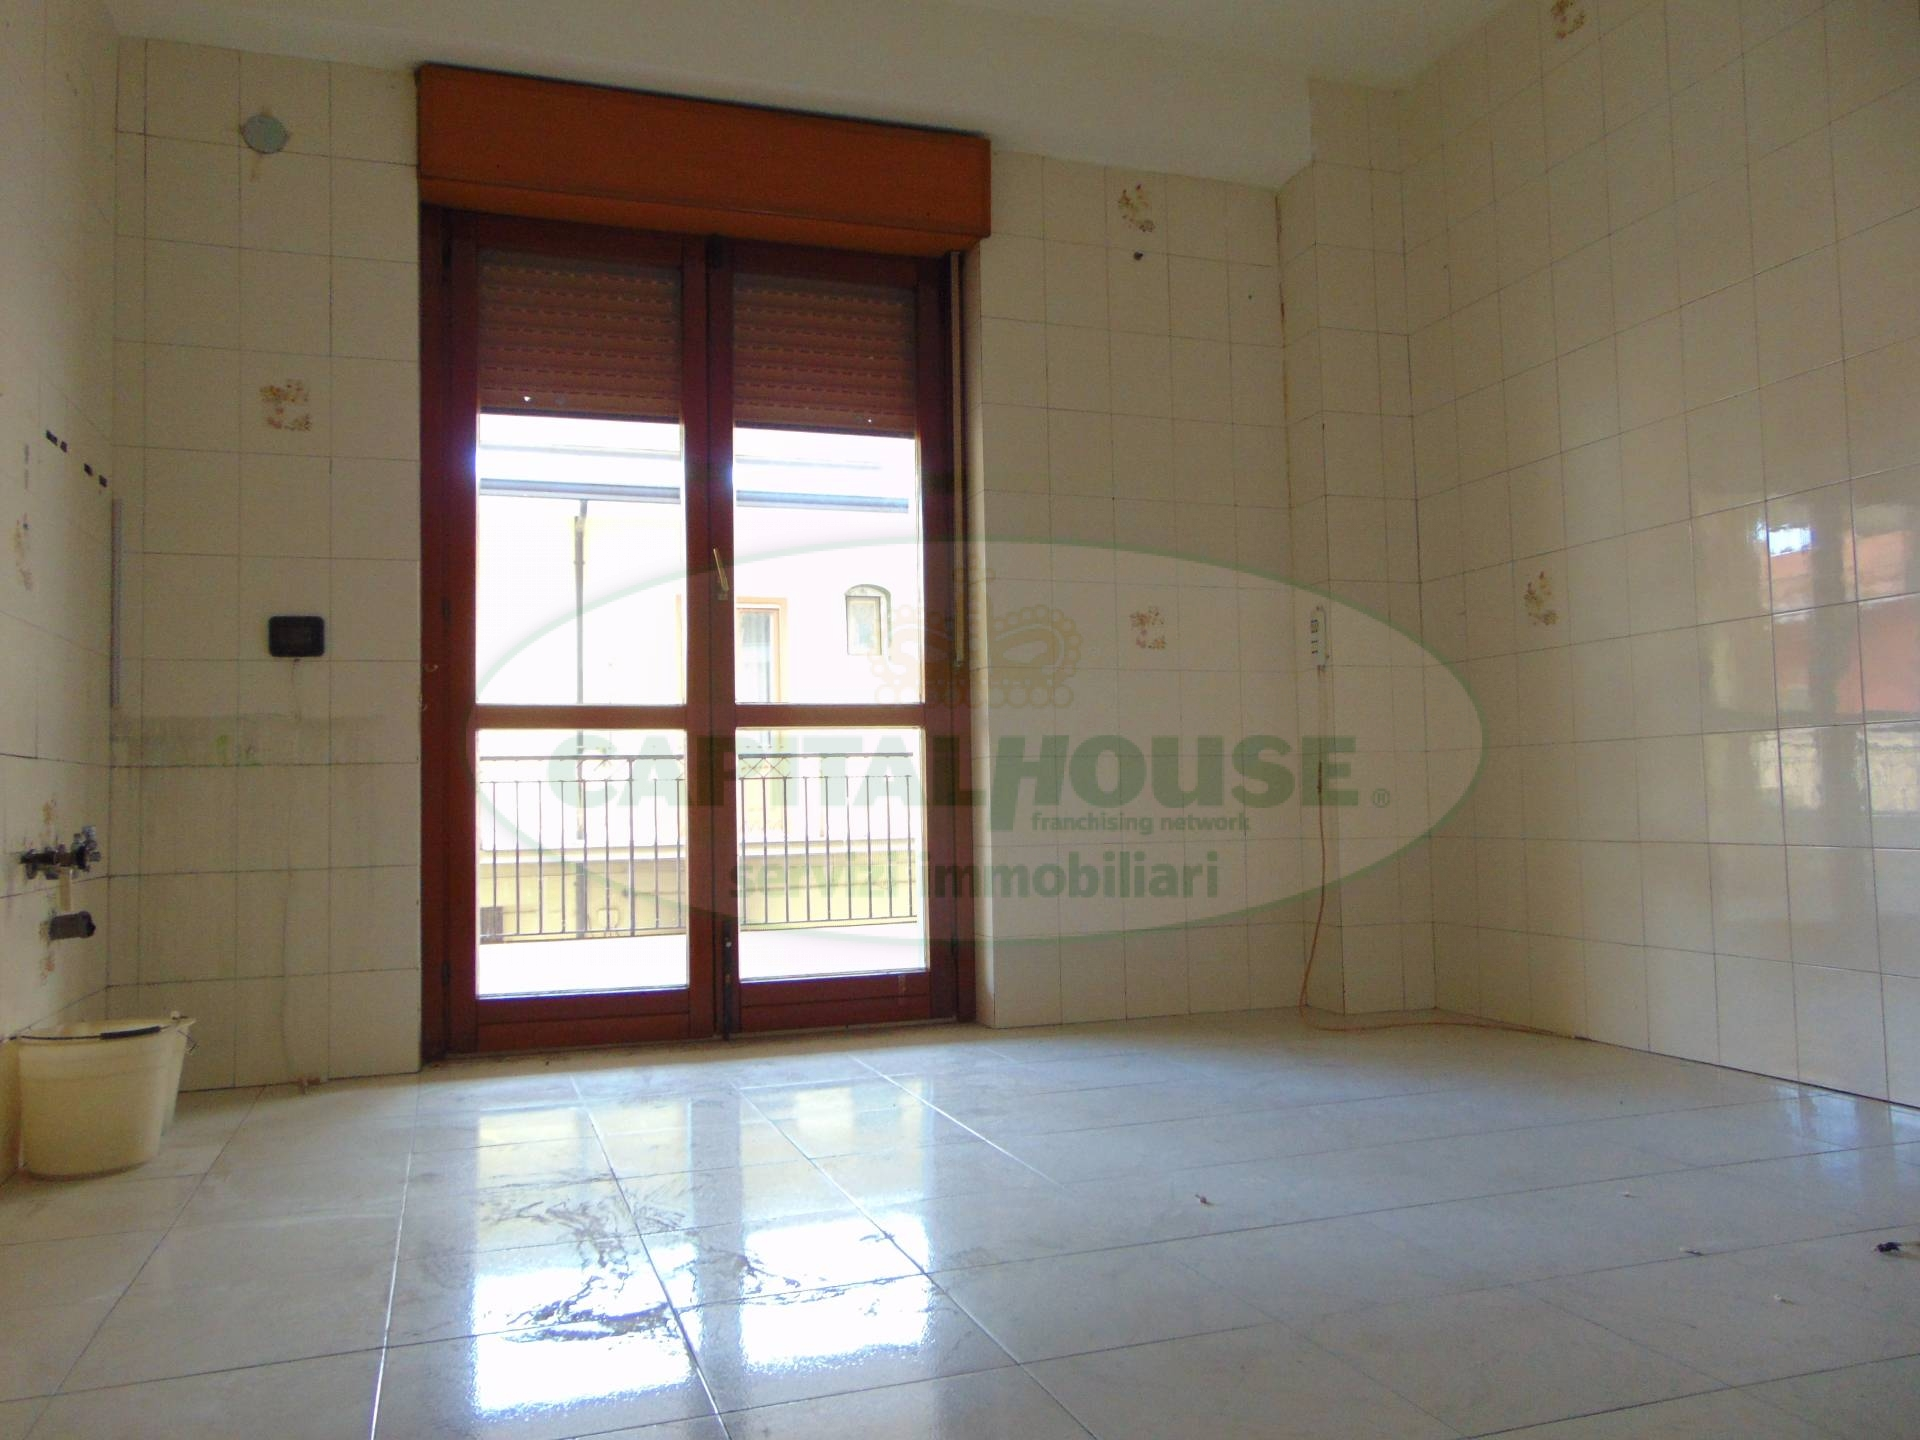 Appartamento in vendita a Casagiove, 4 locali, prezzo € 195.000 | CambioCasa.it